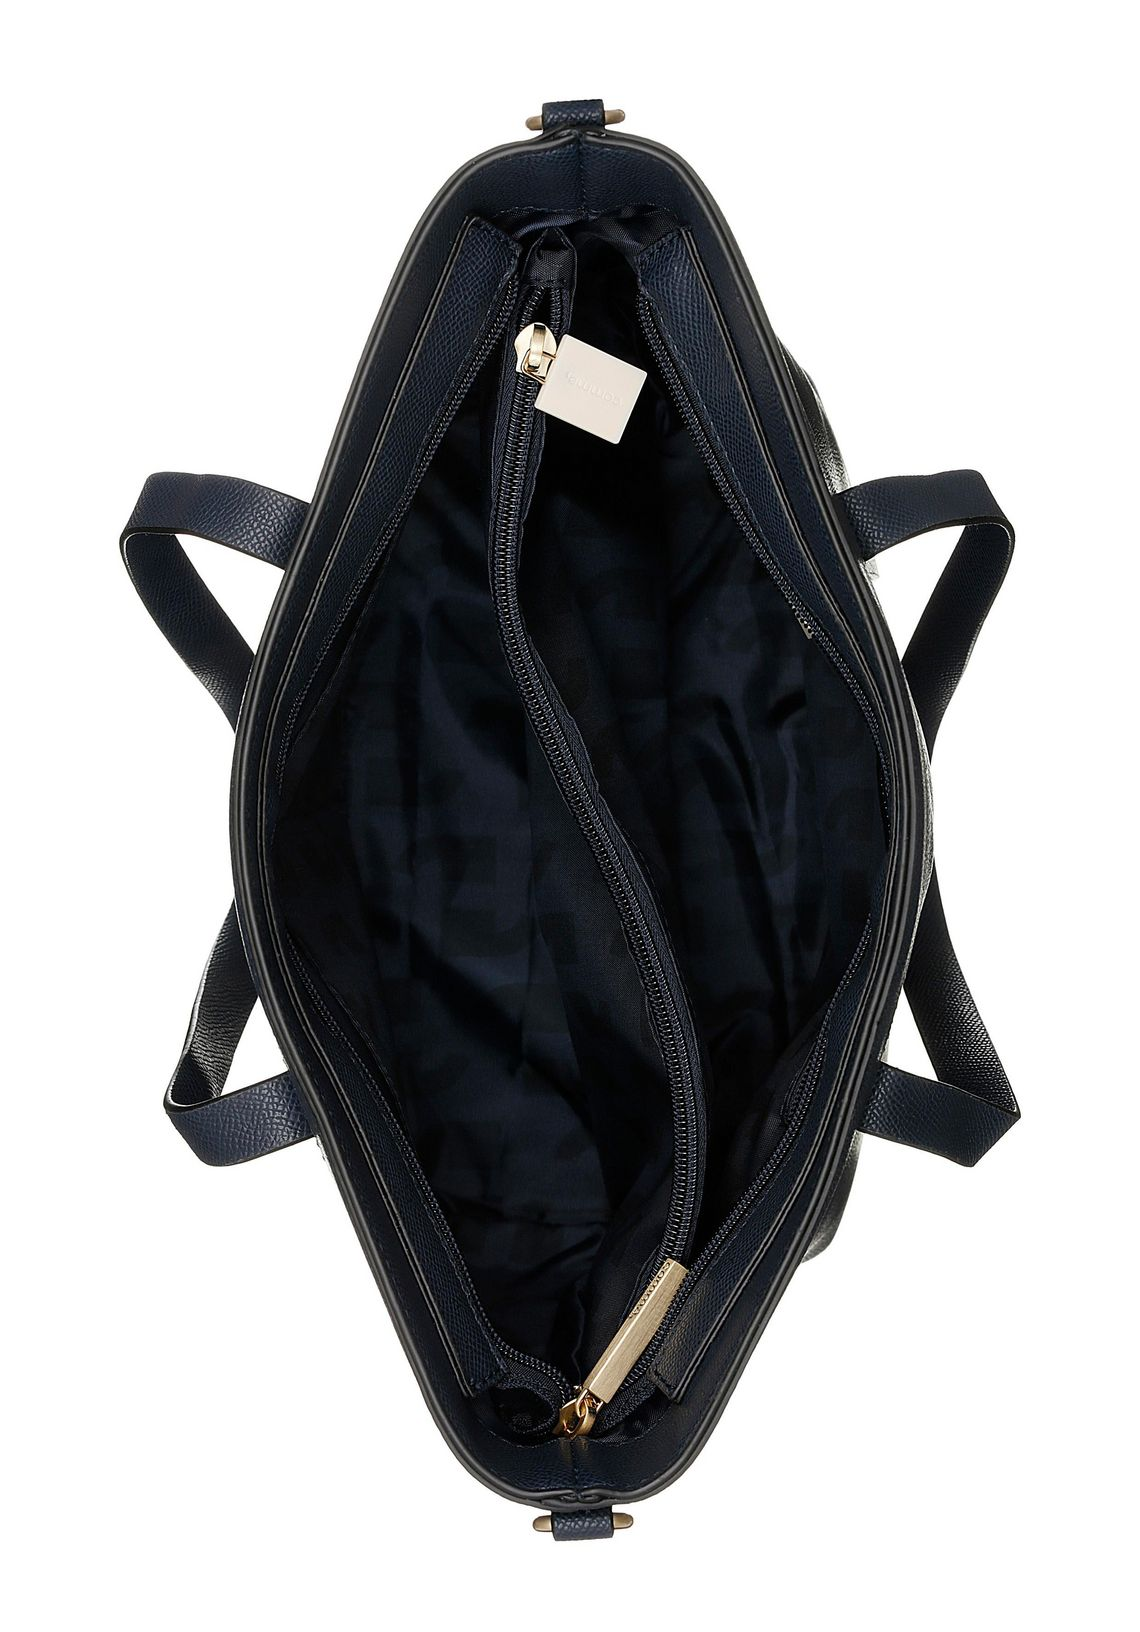 Comma tas  be yourself handbag mhz snel online gekocht  donkerblauw